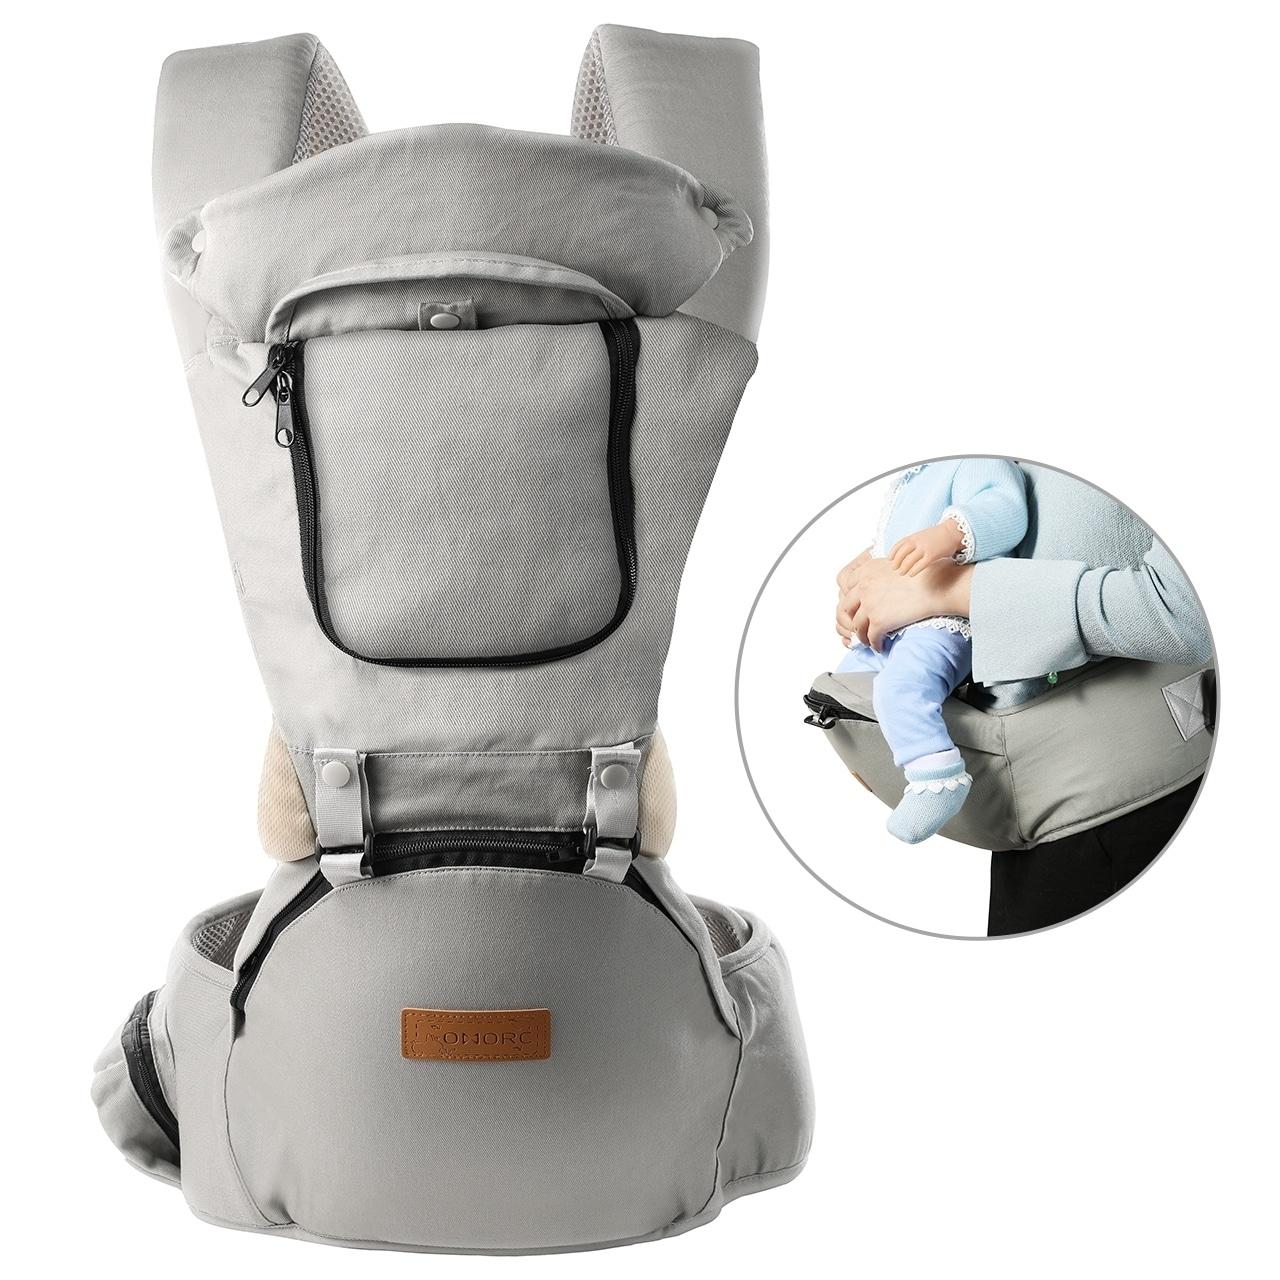 Shop OMORC Infant Soft Carrier Breathable Soft Carrier Baby Hip Seat  Carrier Breathable Mesh Front Back Child Carrier - On Sale - Overstock -  29958517